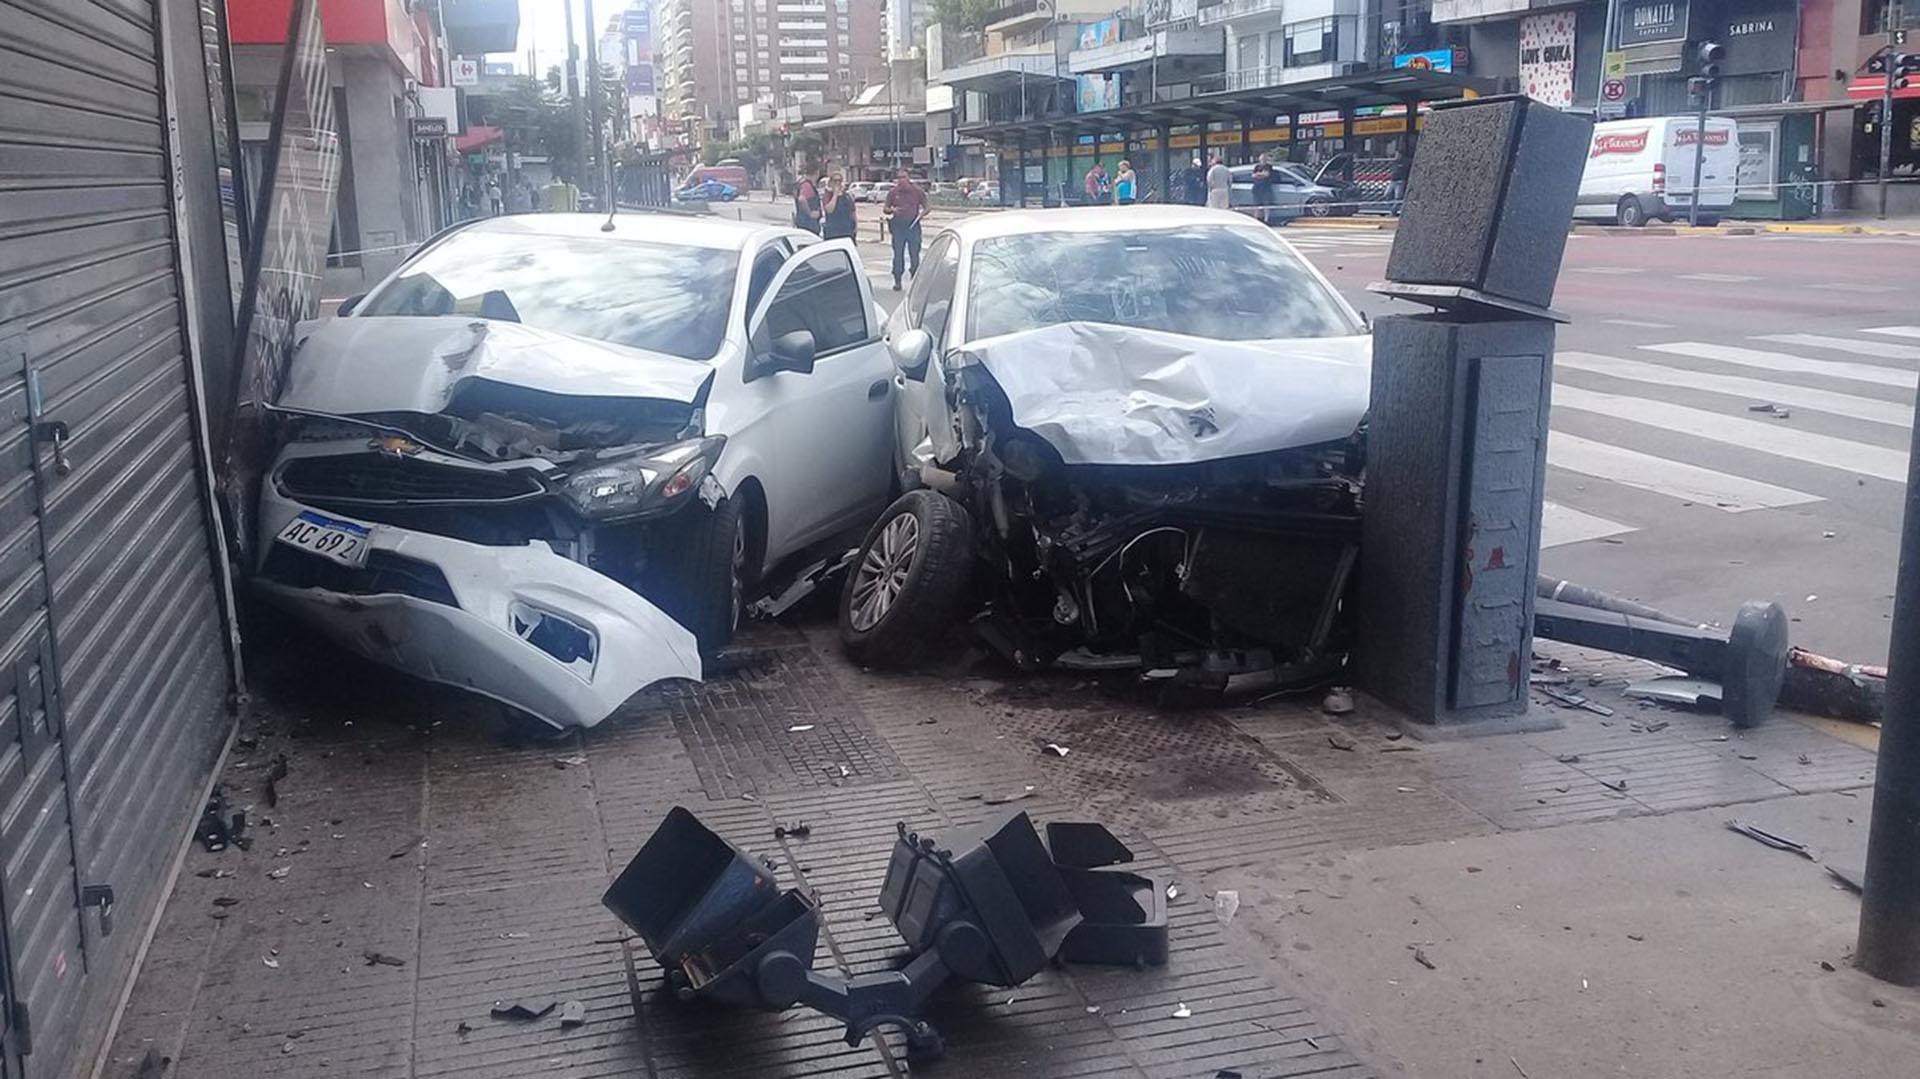 Cuatro heridos dejó el choque (@Marluna84031249)